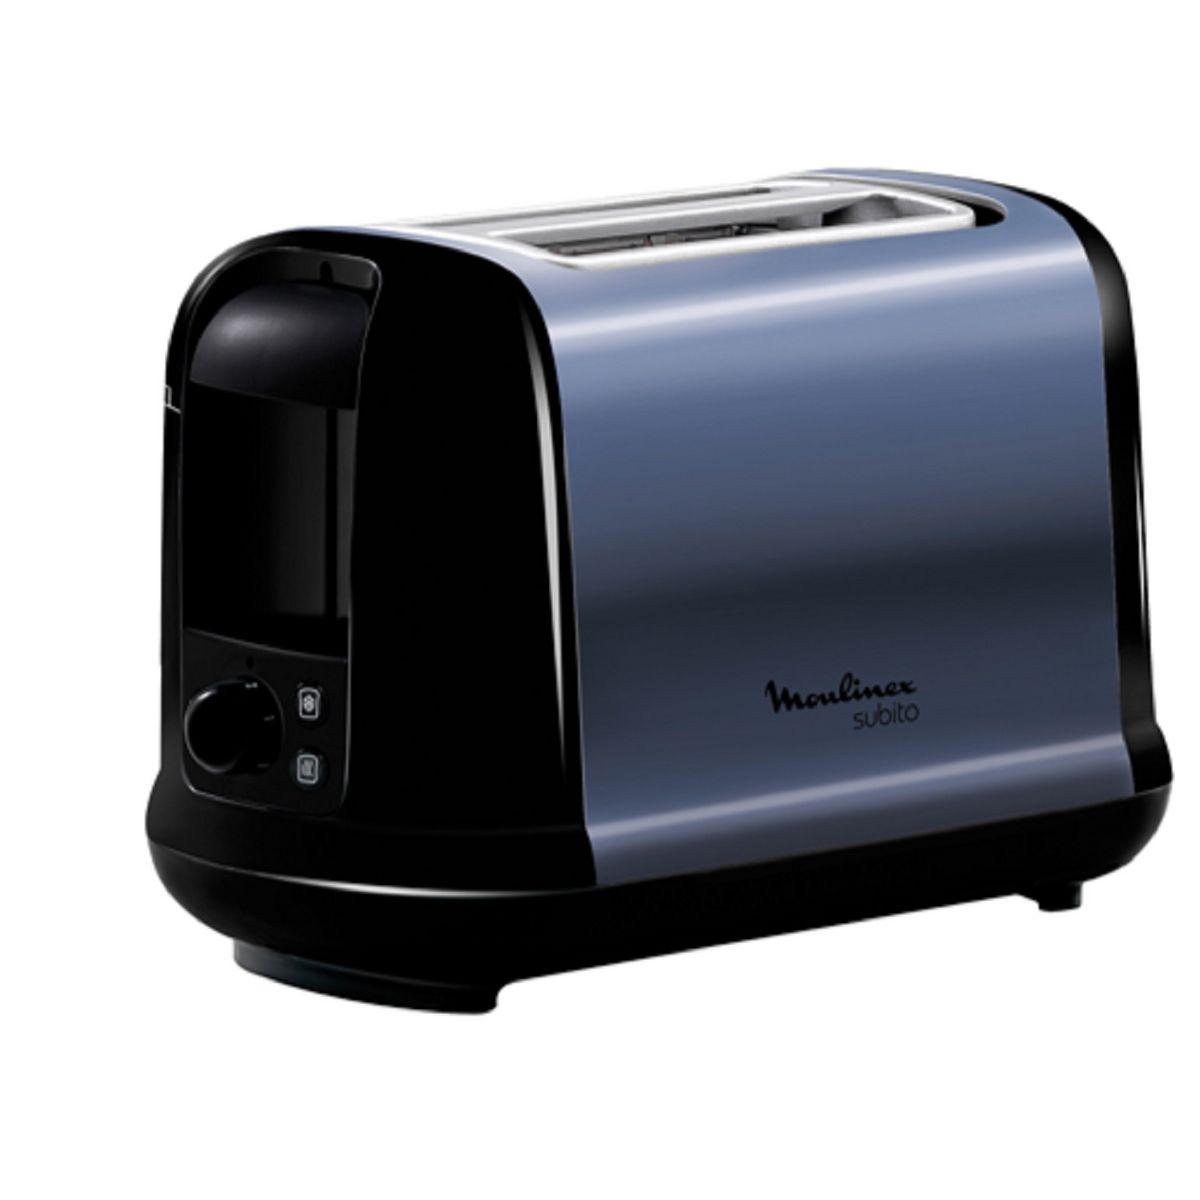 moulinex a15453 grille pain noir comparer les prix sur shopoonet. Black Bedroom Furniture Sets. Home Design Ideas